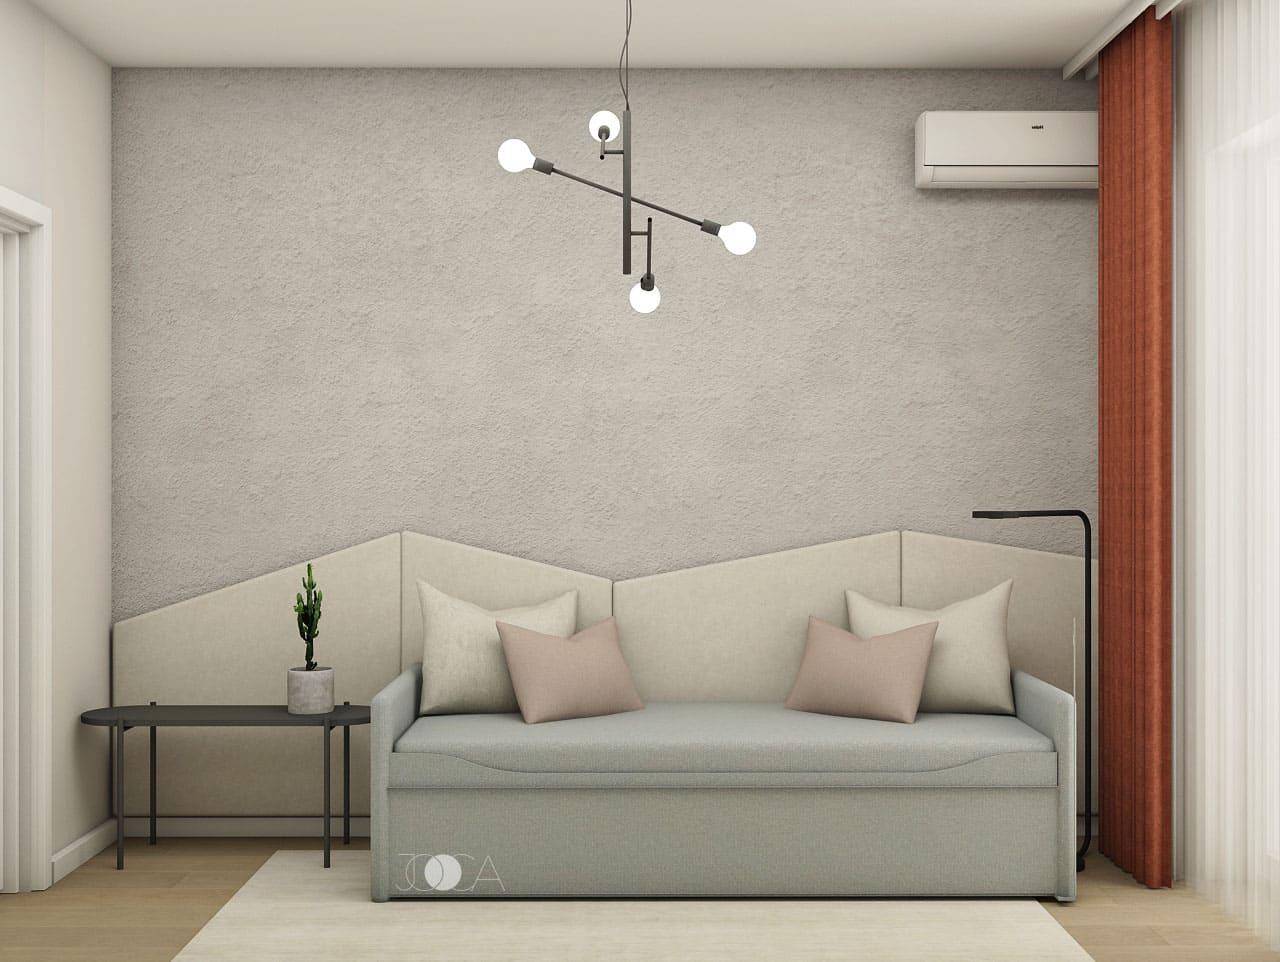 Alegerea unui divan extensibil este foarte utila pentru a transforma birou in camera pentru oaspeti.